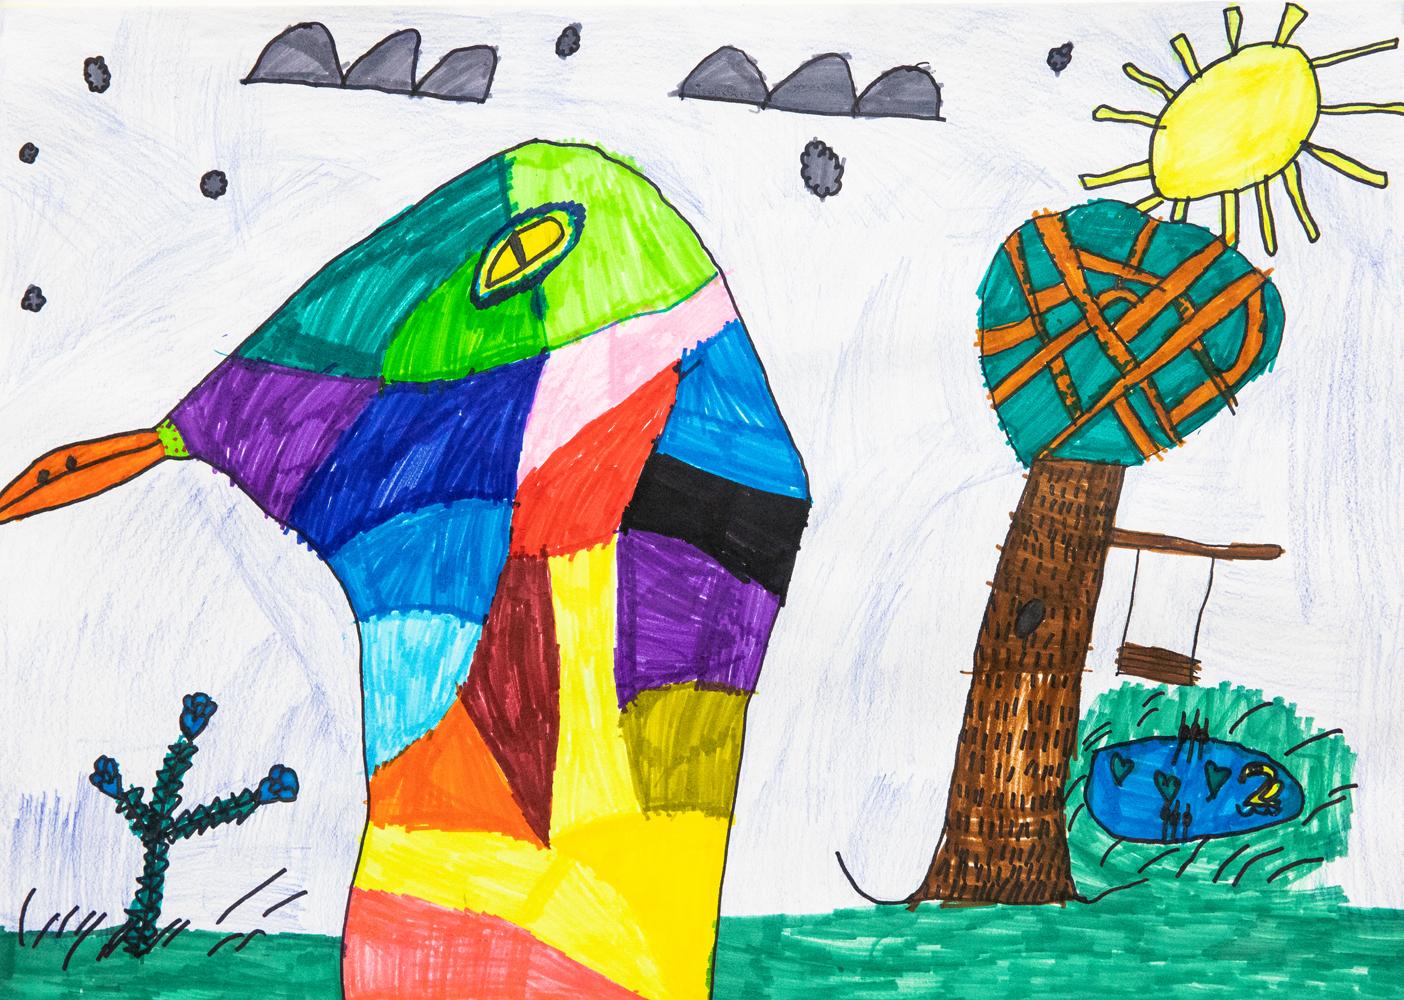 31. Serina Panuccio, 'Rainbow duck', texta, pencil, Year 5, Bundarra Central School